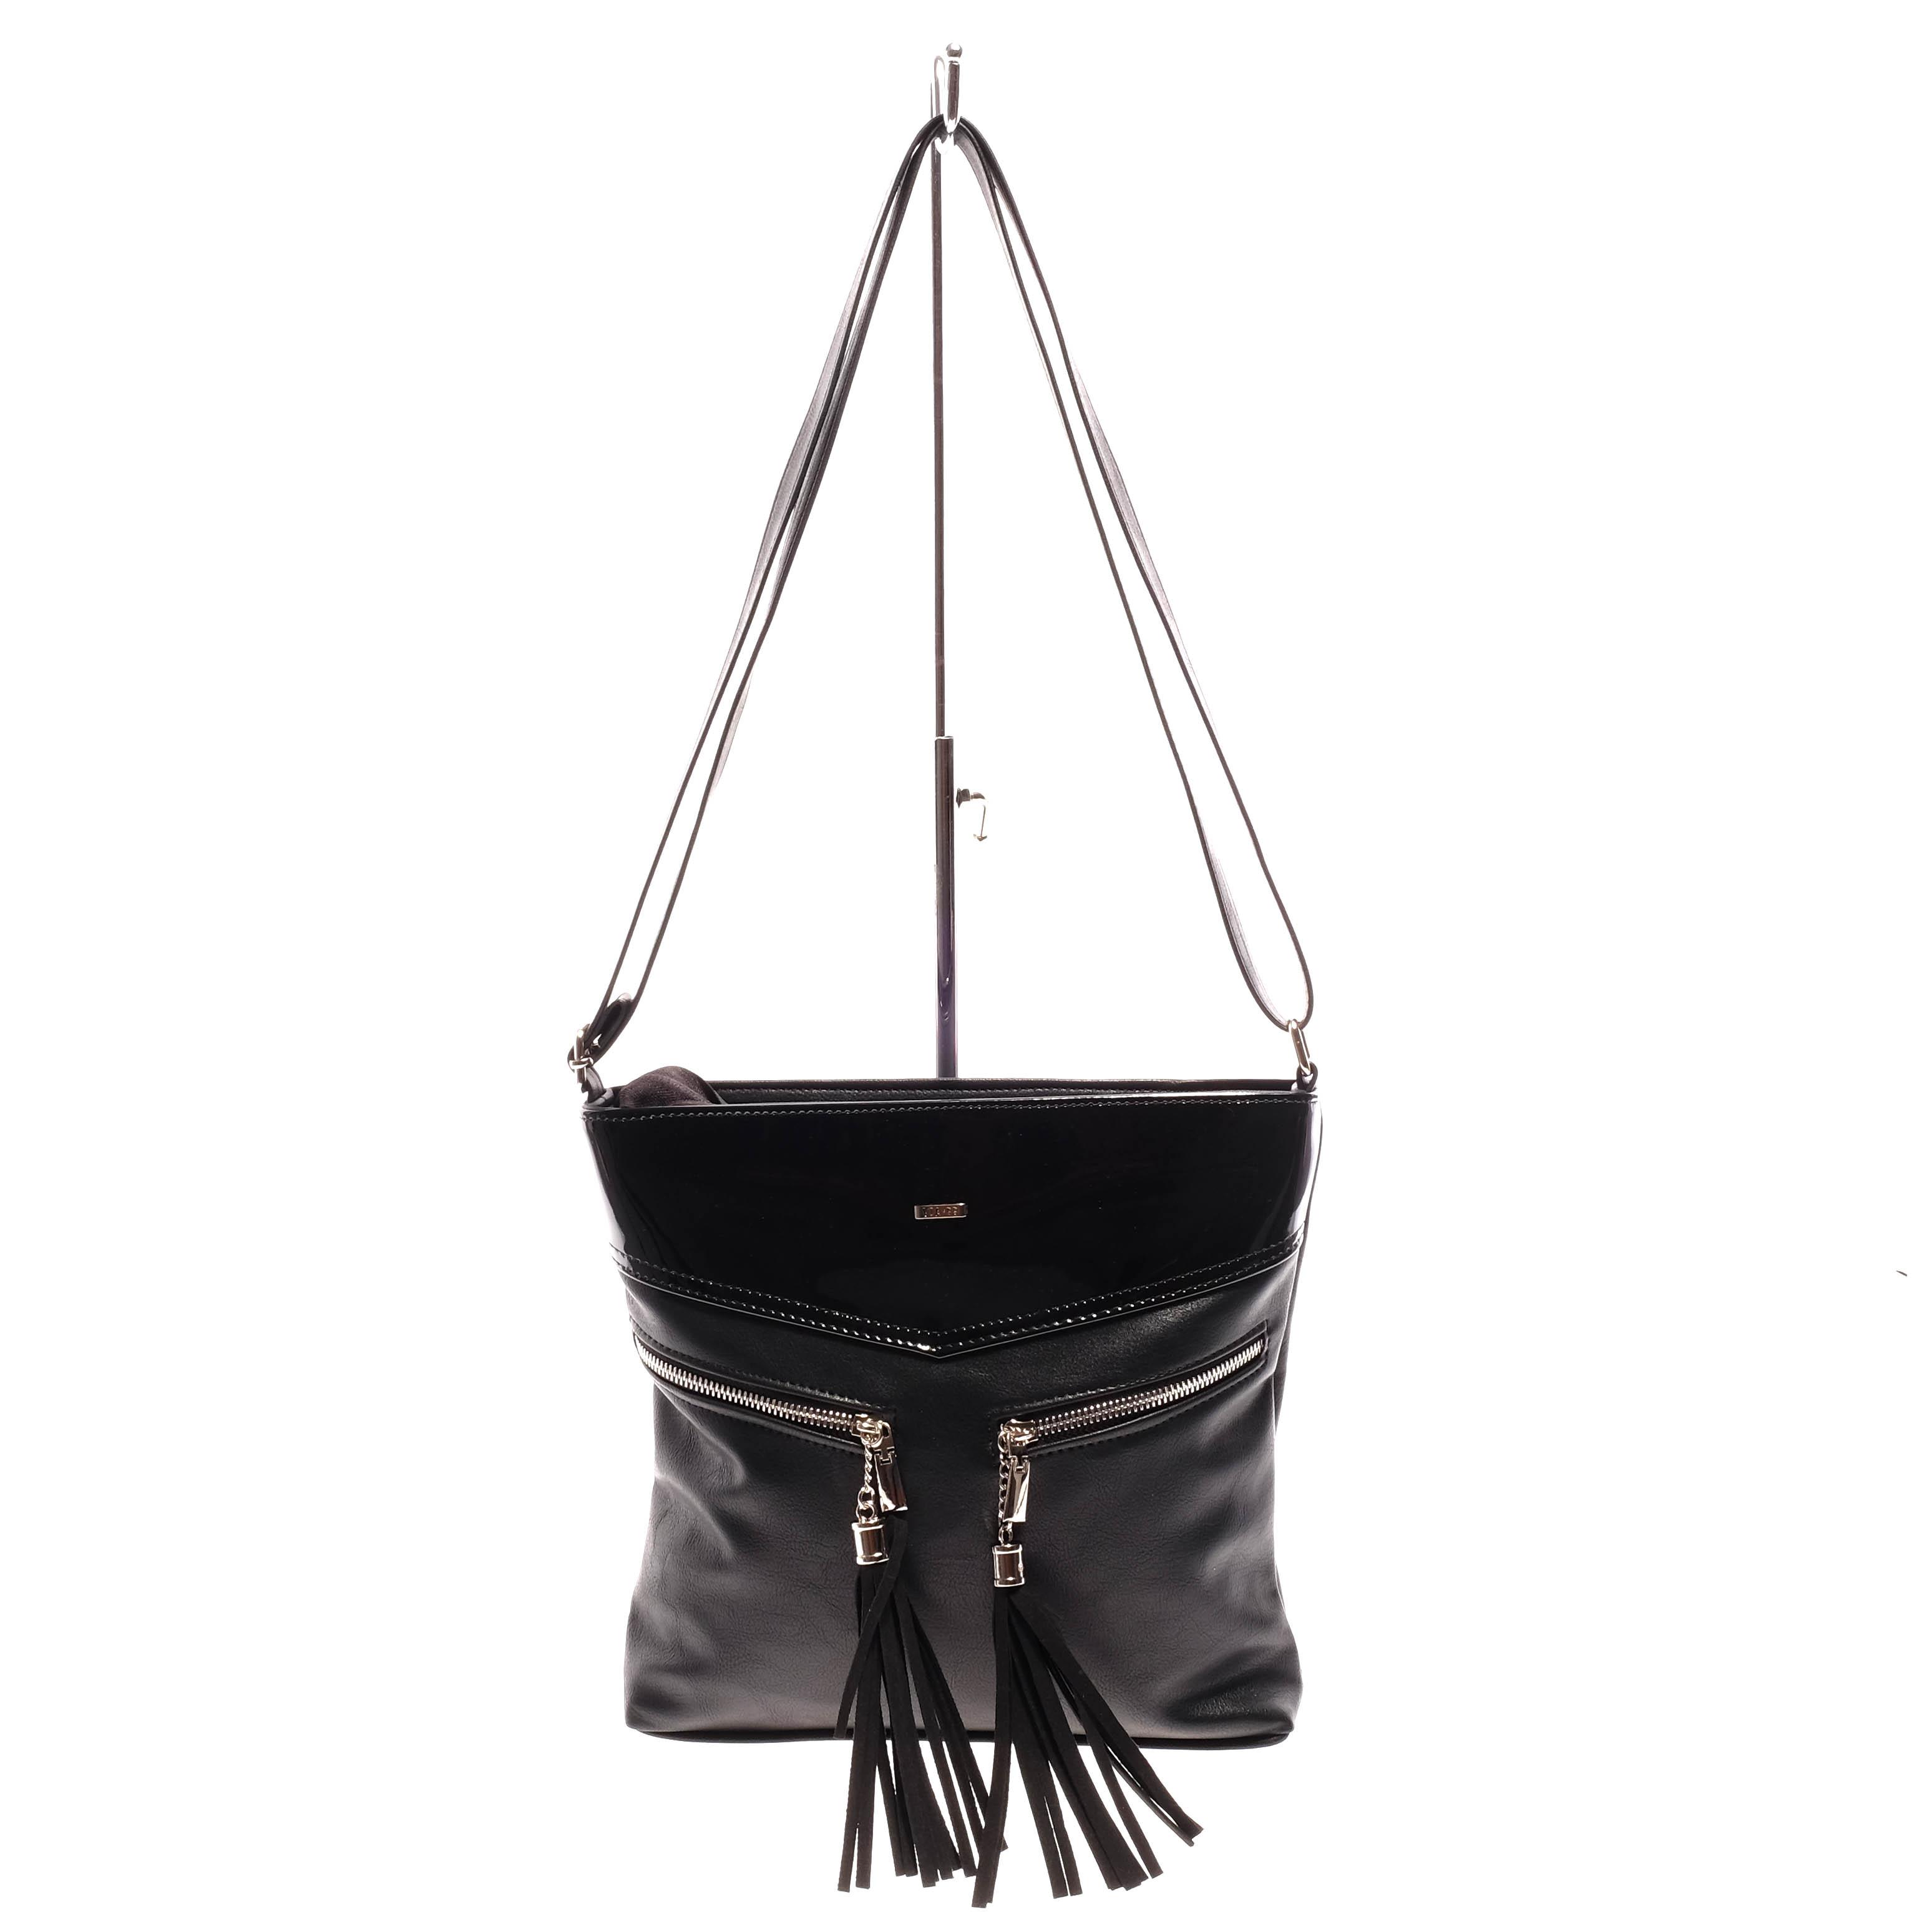 Via 55 Fekete Női Oldaltáska - Átvetős Oldaltáskák - Táska webáruház -  Minőségi táskák mindenkinek 8802f92aca